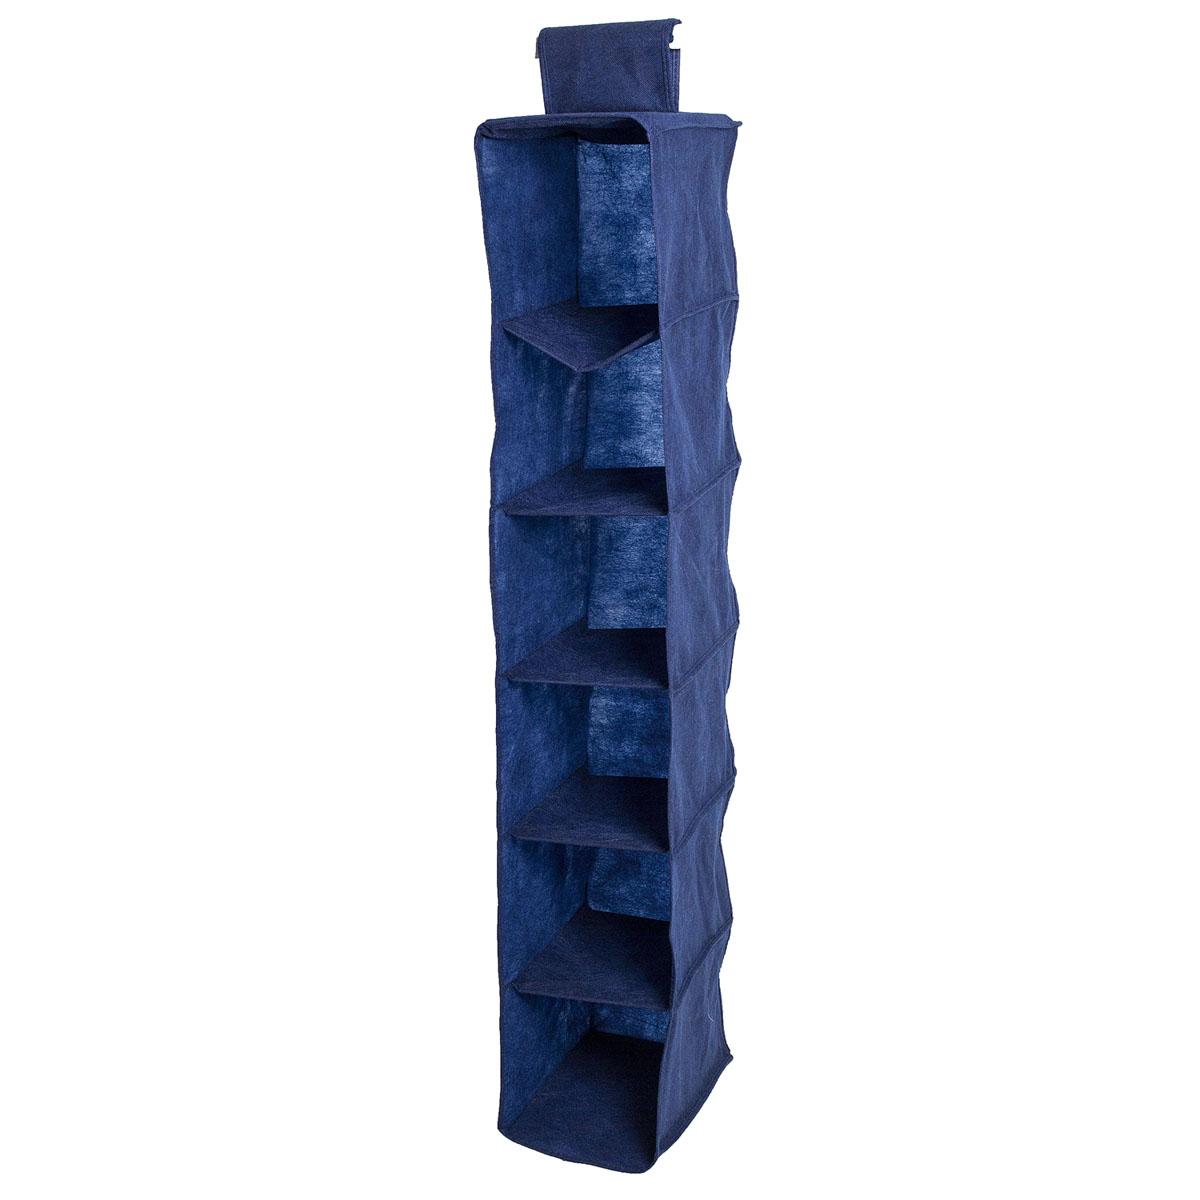 Органайзер подвесной Homsu Bluе Sky, 6 полок, 30 х 20 х 120 смHOM-129Подвесной органайзер Homsu Bluе Sky выполнен из прочного полиэстера - материала, который отличается прочностью, водоотталкивающими свойствами и практичностью. Изделие имеет 6 полок для хранения различных предметов, в том числе одежды, детских игрушек. Органайзер подвешивается к карнизу, рейлингу, стальным трубам и крепежам с помощью специальной петли. Размер полки: 30 х 20 см.